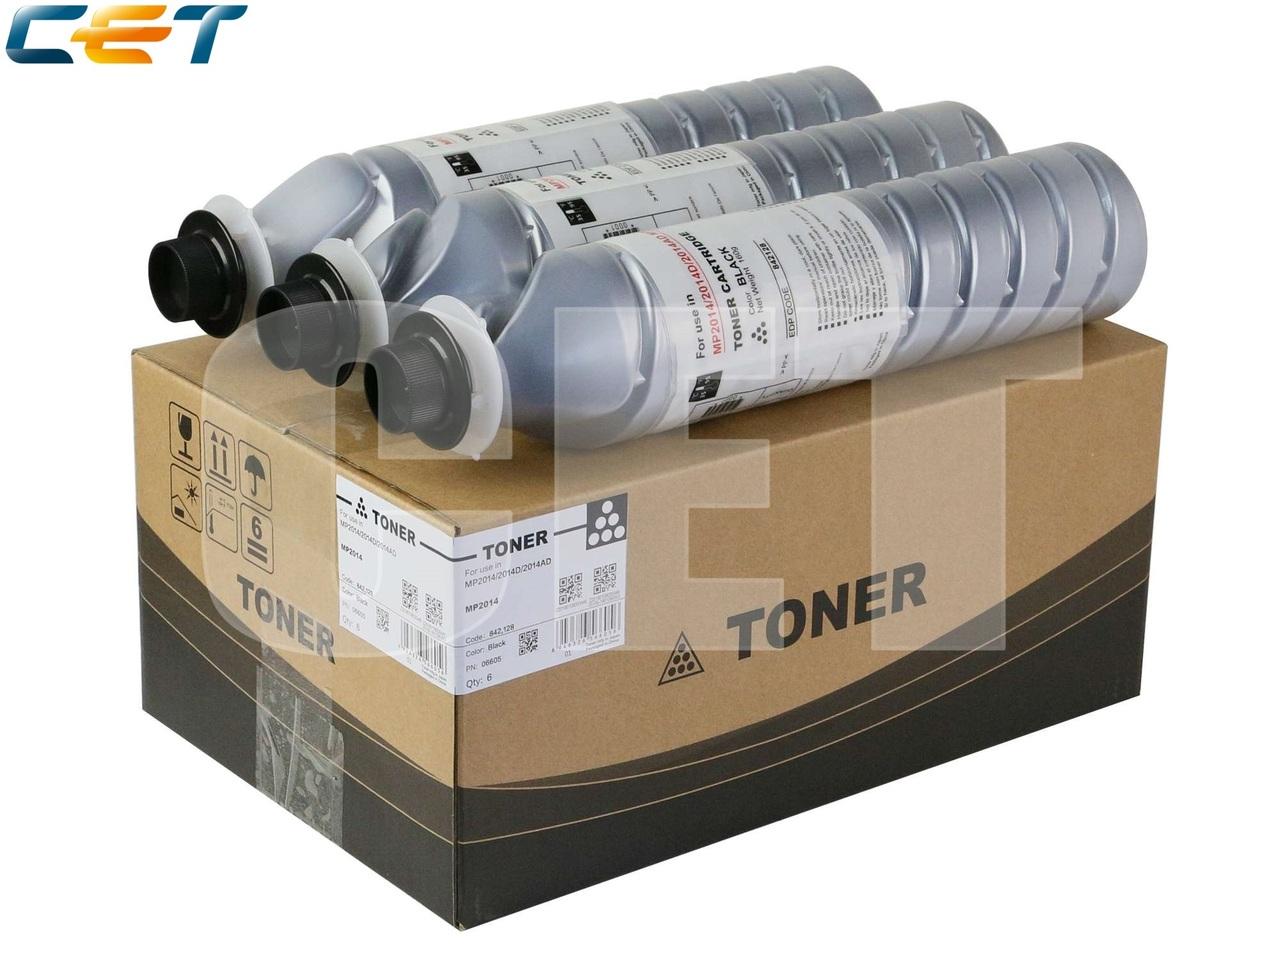 Тонер-картридж (CPP) 842128 для RICOH MP2014/2014D(CET), 160г, 4000 стр., CET6605